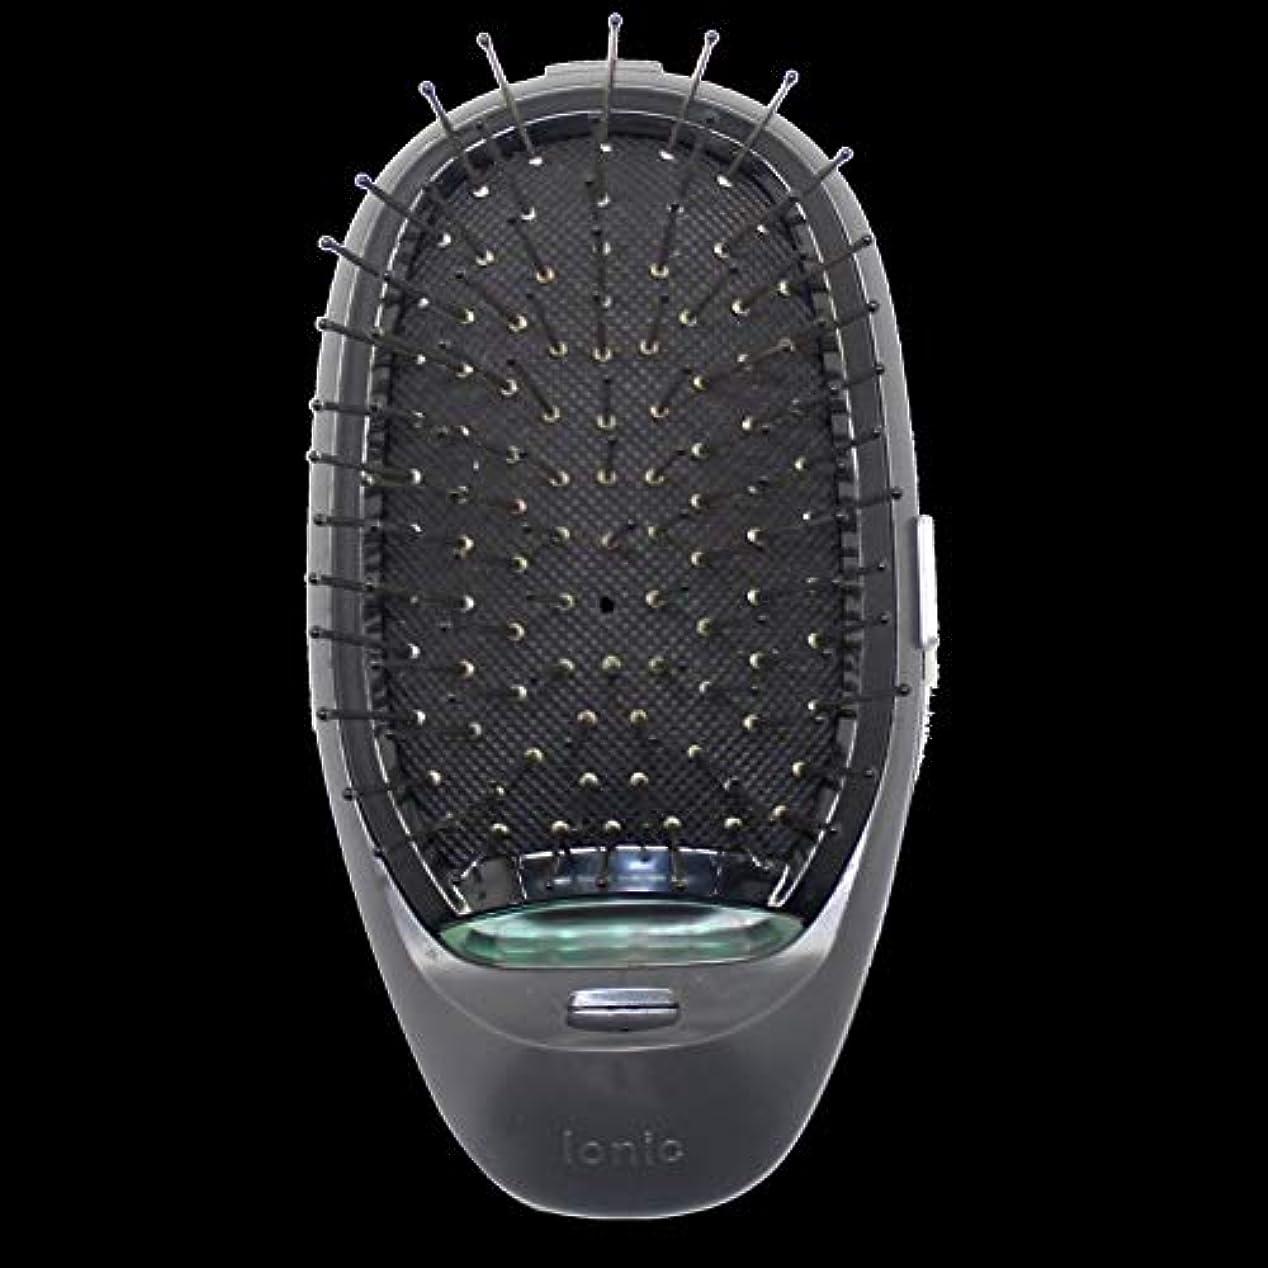 前投薬バタフライ異形電動マッサージヘアブラシミニマイナスイオンヘアコム3Dインフレータブルコーム帯電防止ガールズヘアブラシ電池式 - ブラック